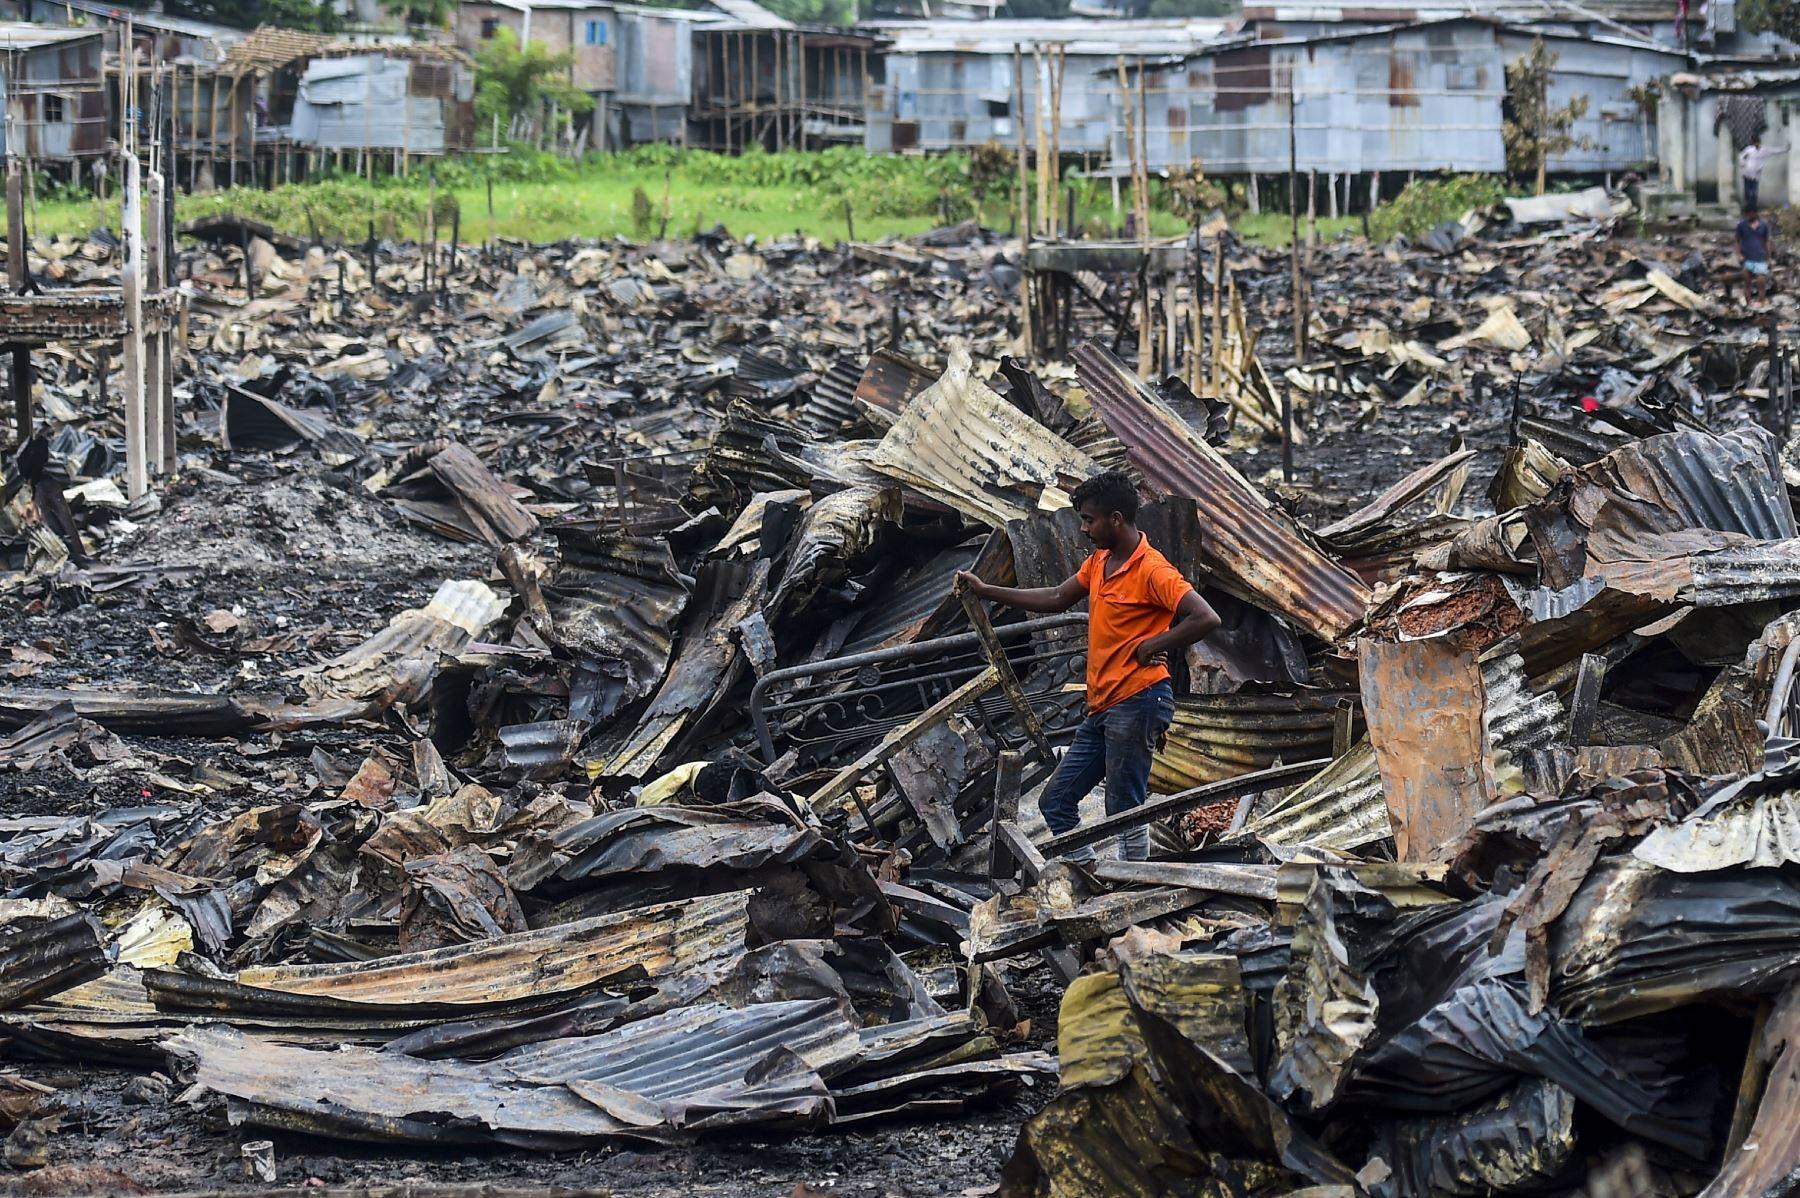 Los residentes buscan pertenencias domésticas en un barrio pobre en Dhaka , después de que se produjo un incendio  en el vecindario de Mirpur.  Foto. AFP